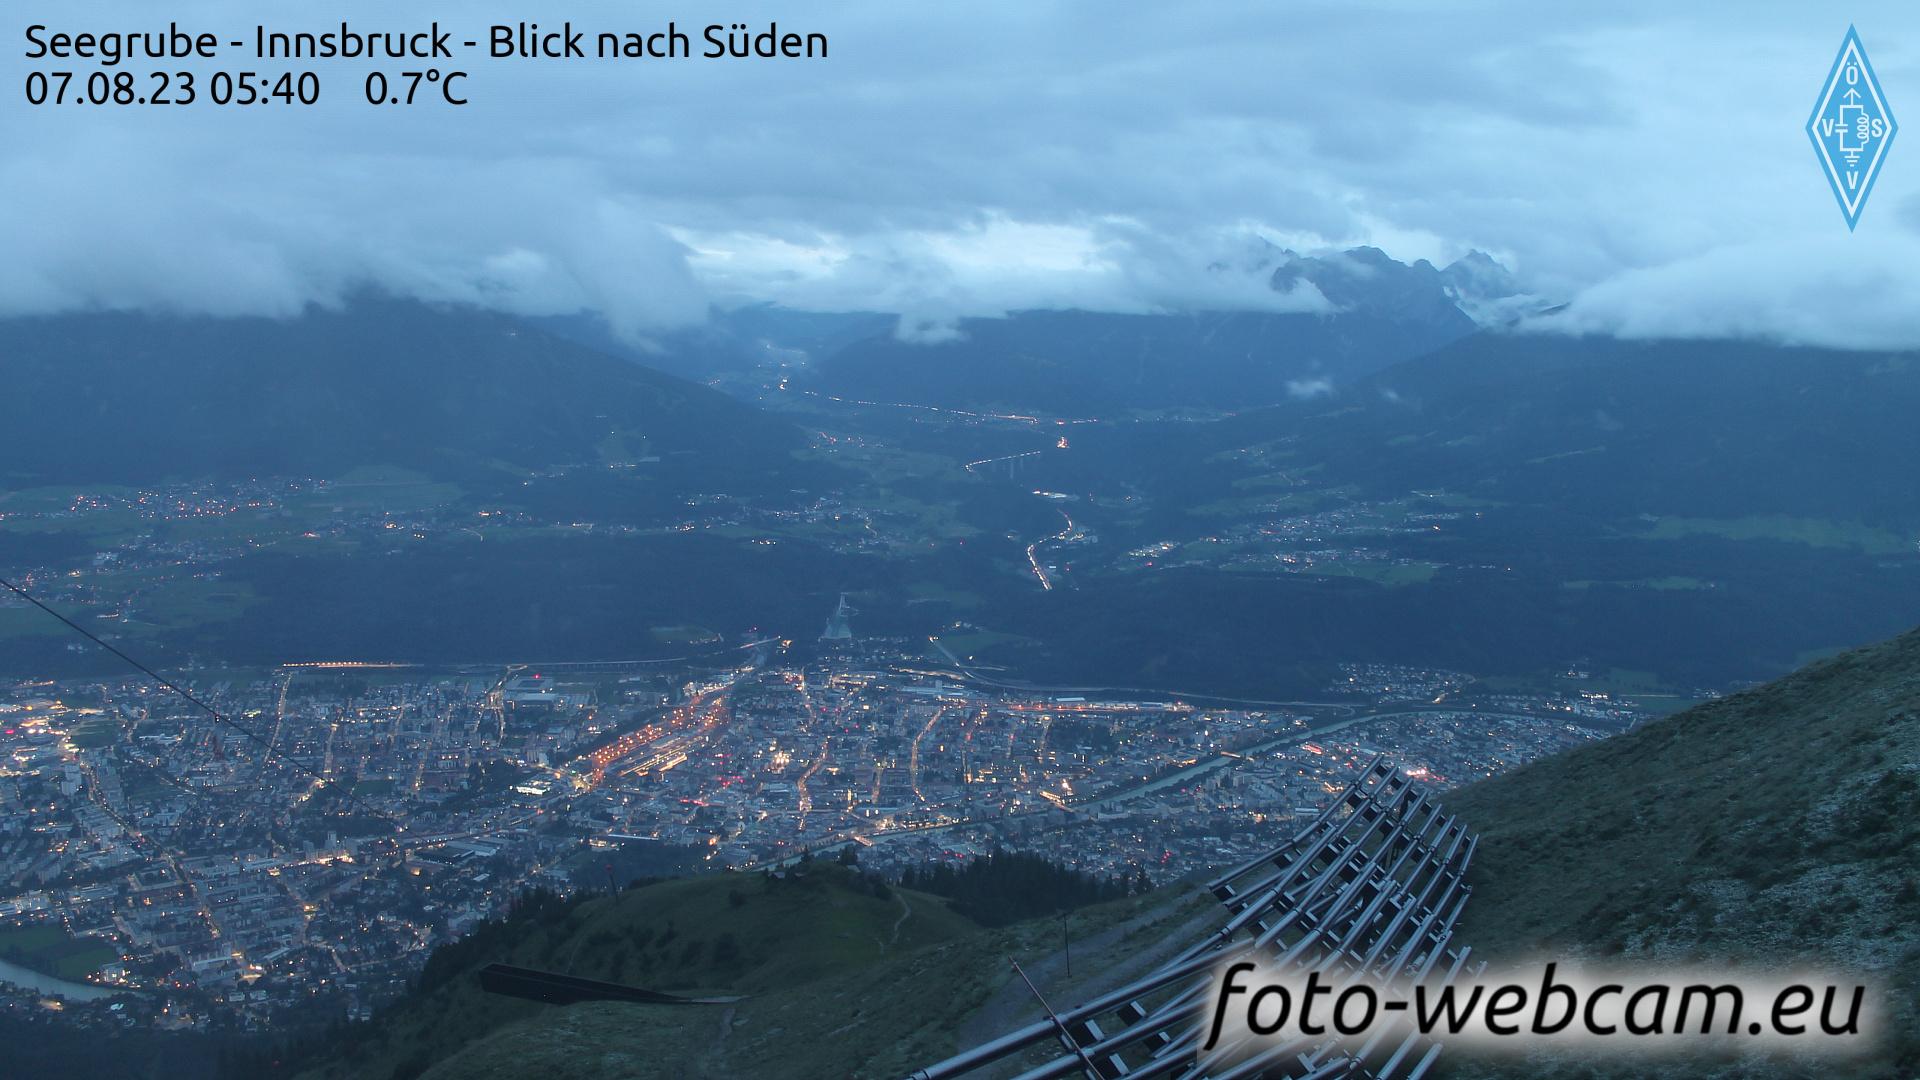 Innsbruck Thu. 05:18